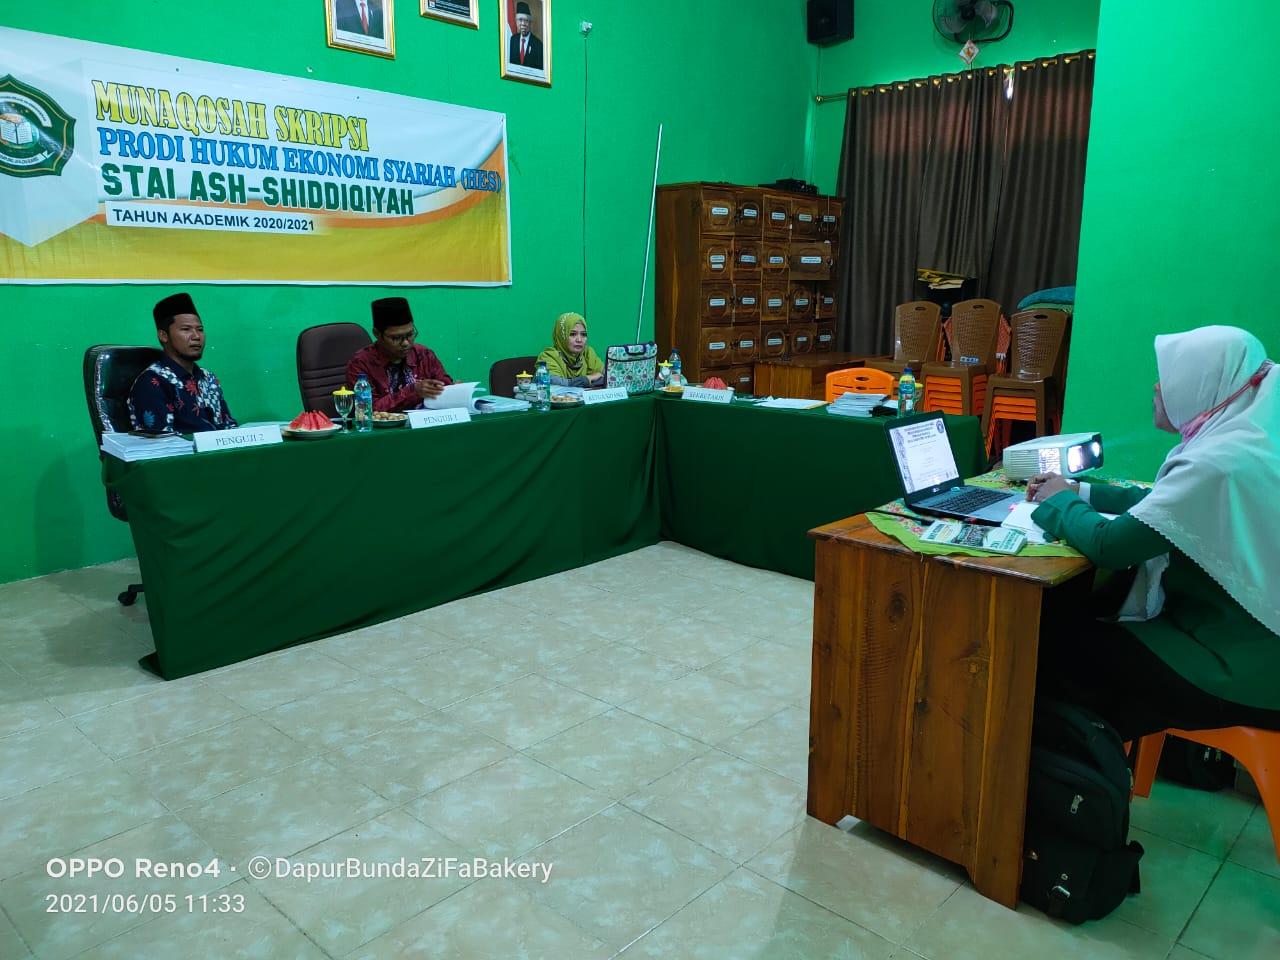 STAI Ash-Shiddiqiyah Laksanakan Ujian Skripsi Tahun Akademik 2020/2021